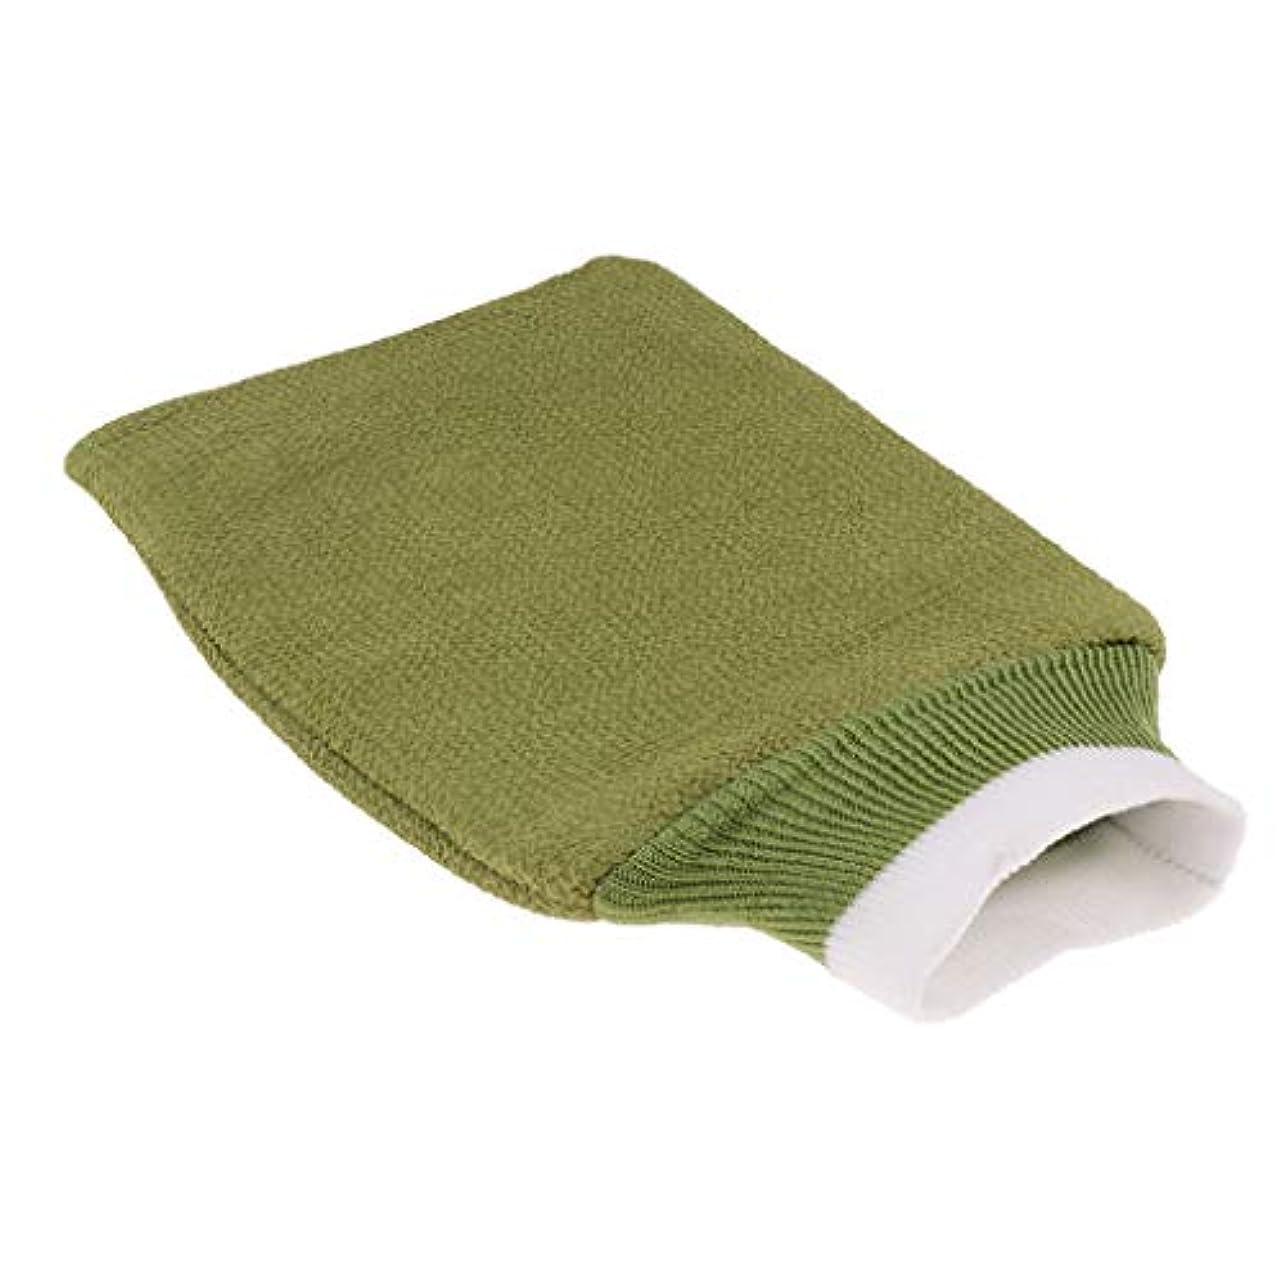 タンパク質パワーチーターgazechimp バスグローブ 浴用手袋 シャワー用 バスミット 垢すり手袋 毛穴清潔 角質除去 男女兼用 全3色 - 緑